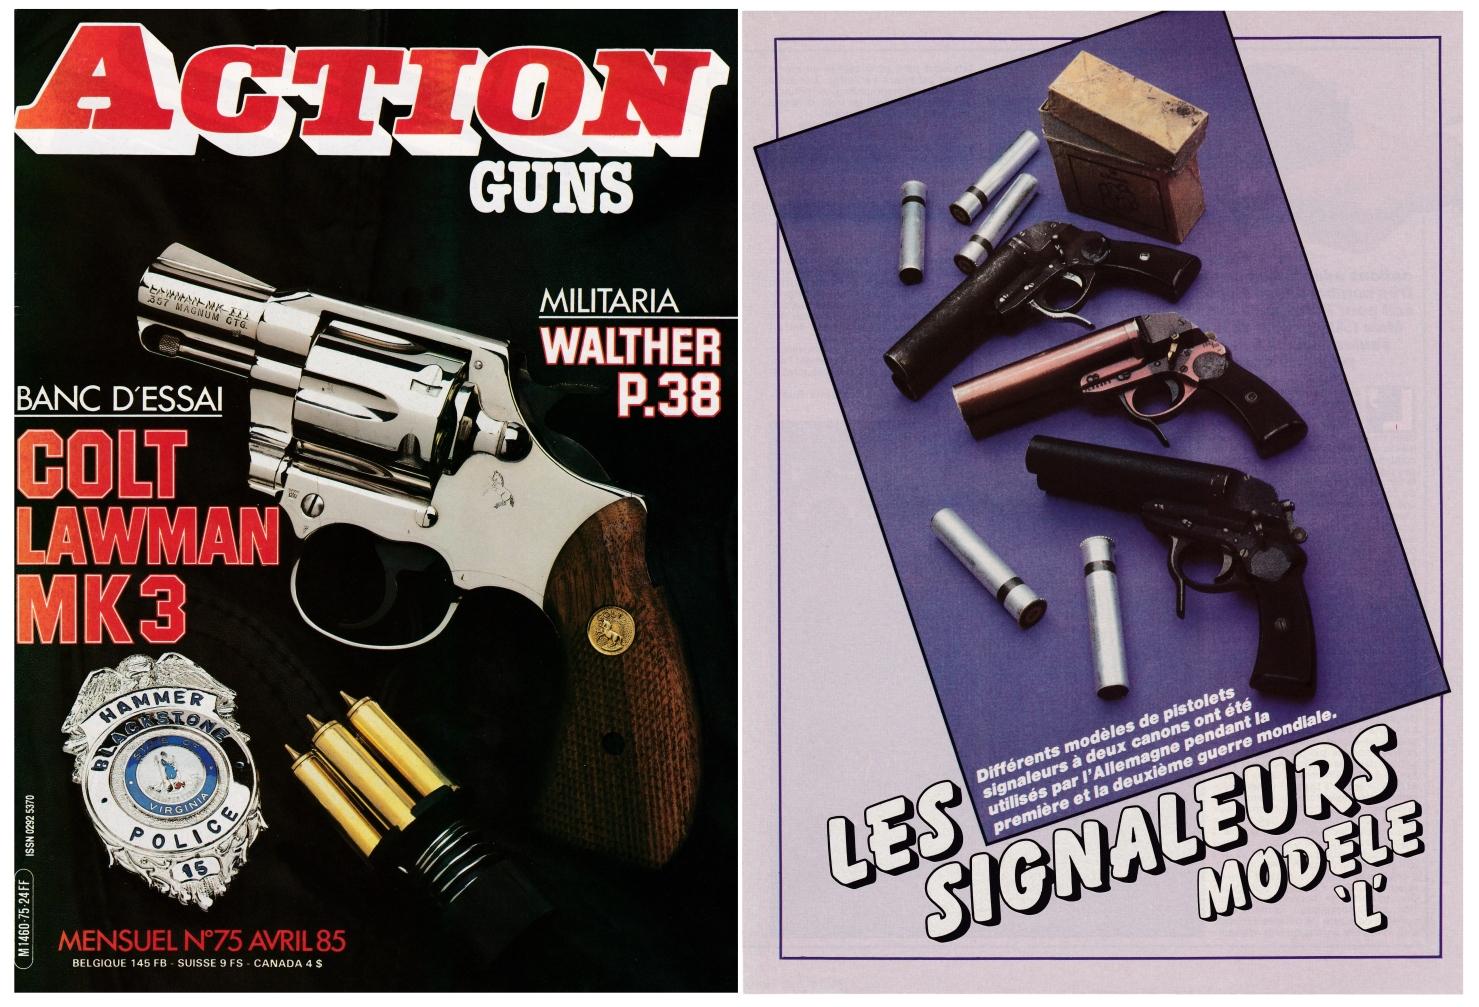 Les pistolets signaleurs allemands modèle « L » ont fait l'objet d'une publication sur 4 pages dans le magazine Action Guns N°75 (avril 1985).